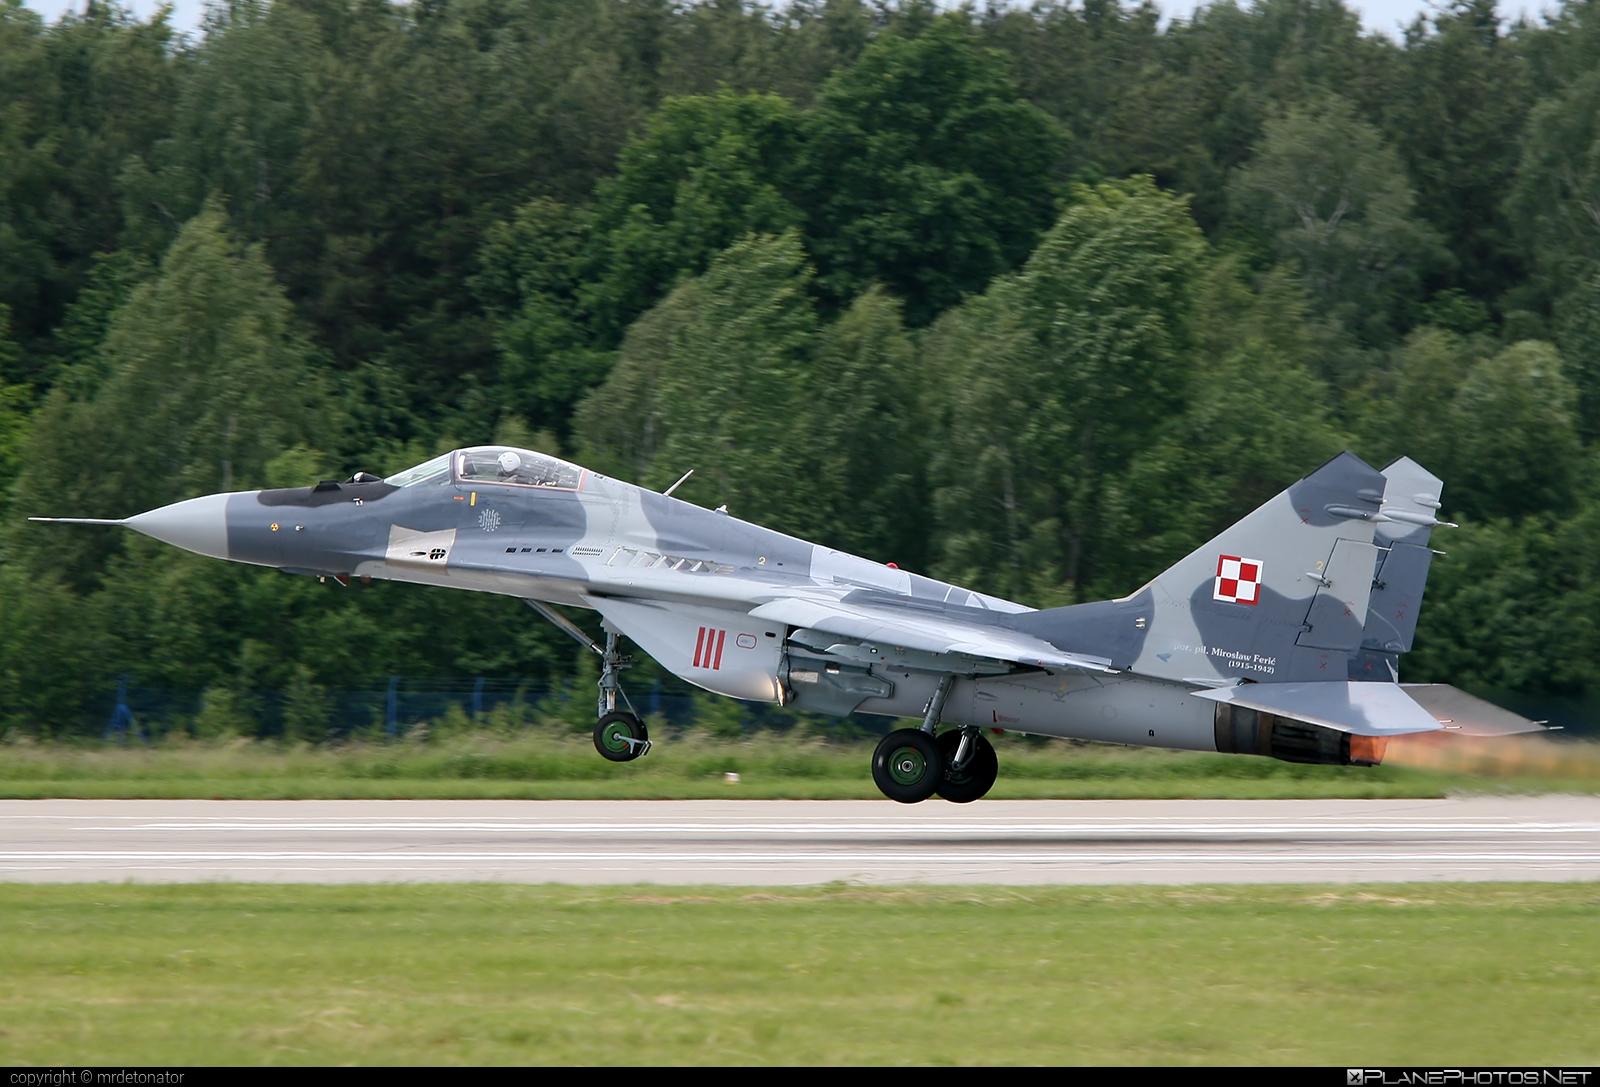 Mikoyan-Gurevich MiG-29A - 111 operated by Siły Powietrzne Rzeczypospolitej Polskiej (Polish Air Force) #mig #mig29 #mig29a #mikoyangurevich #polishairforce #silypowietrzne